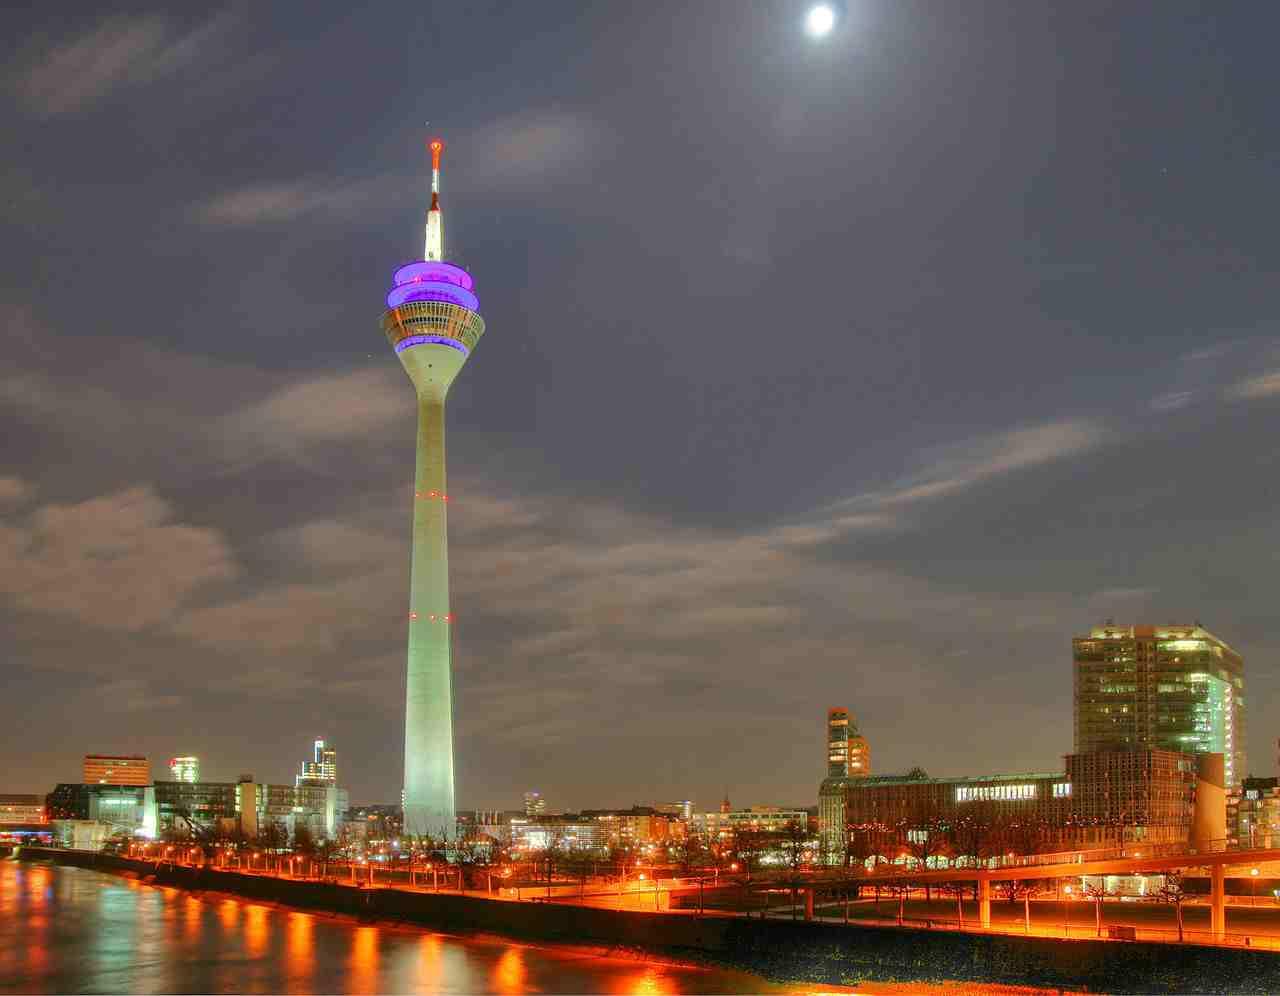 برج الراين من اجمل اماكن دوسلدورف الاماكن السياحية